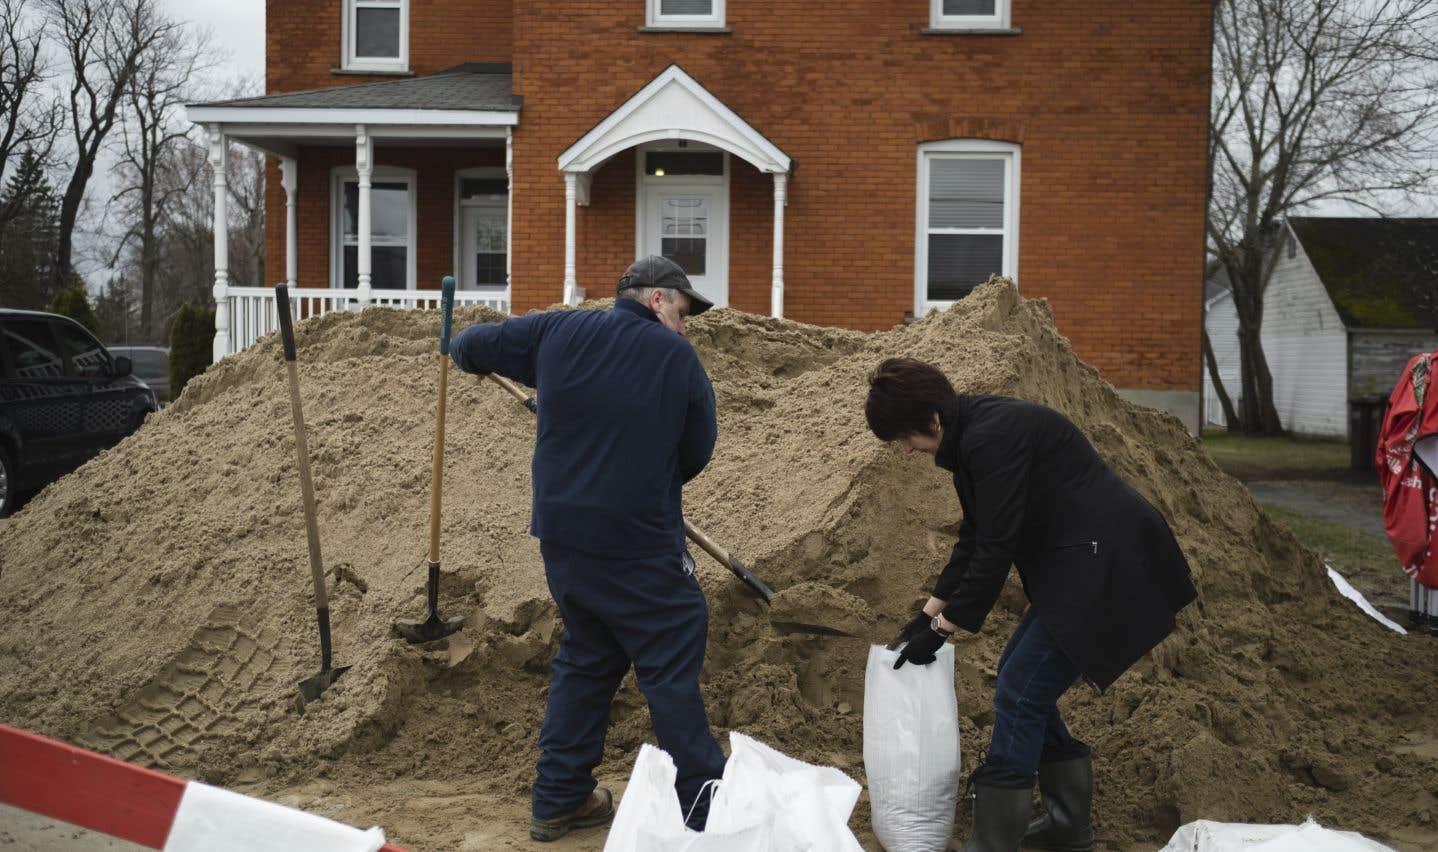 Malgré la situation, l'entraide règne chez les résidents de la municipalité. Ils sont nombreux à se relayer d'heure en heure pour remplir des sacs de sable.